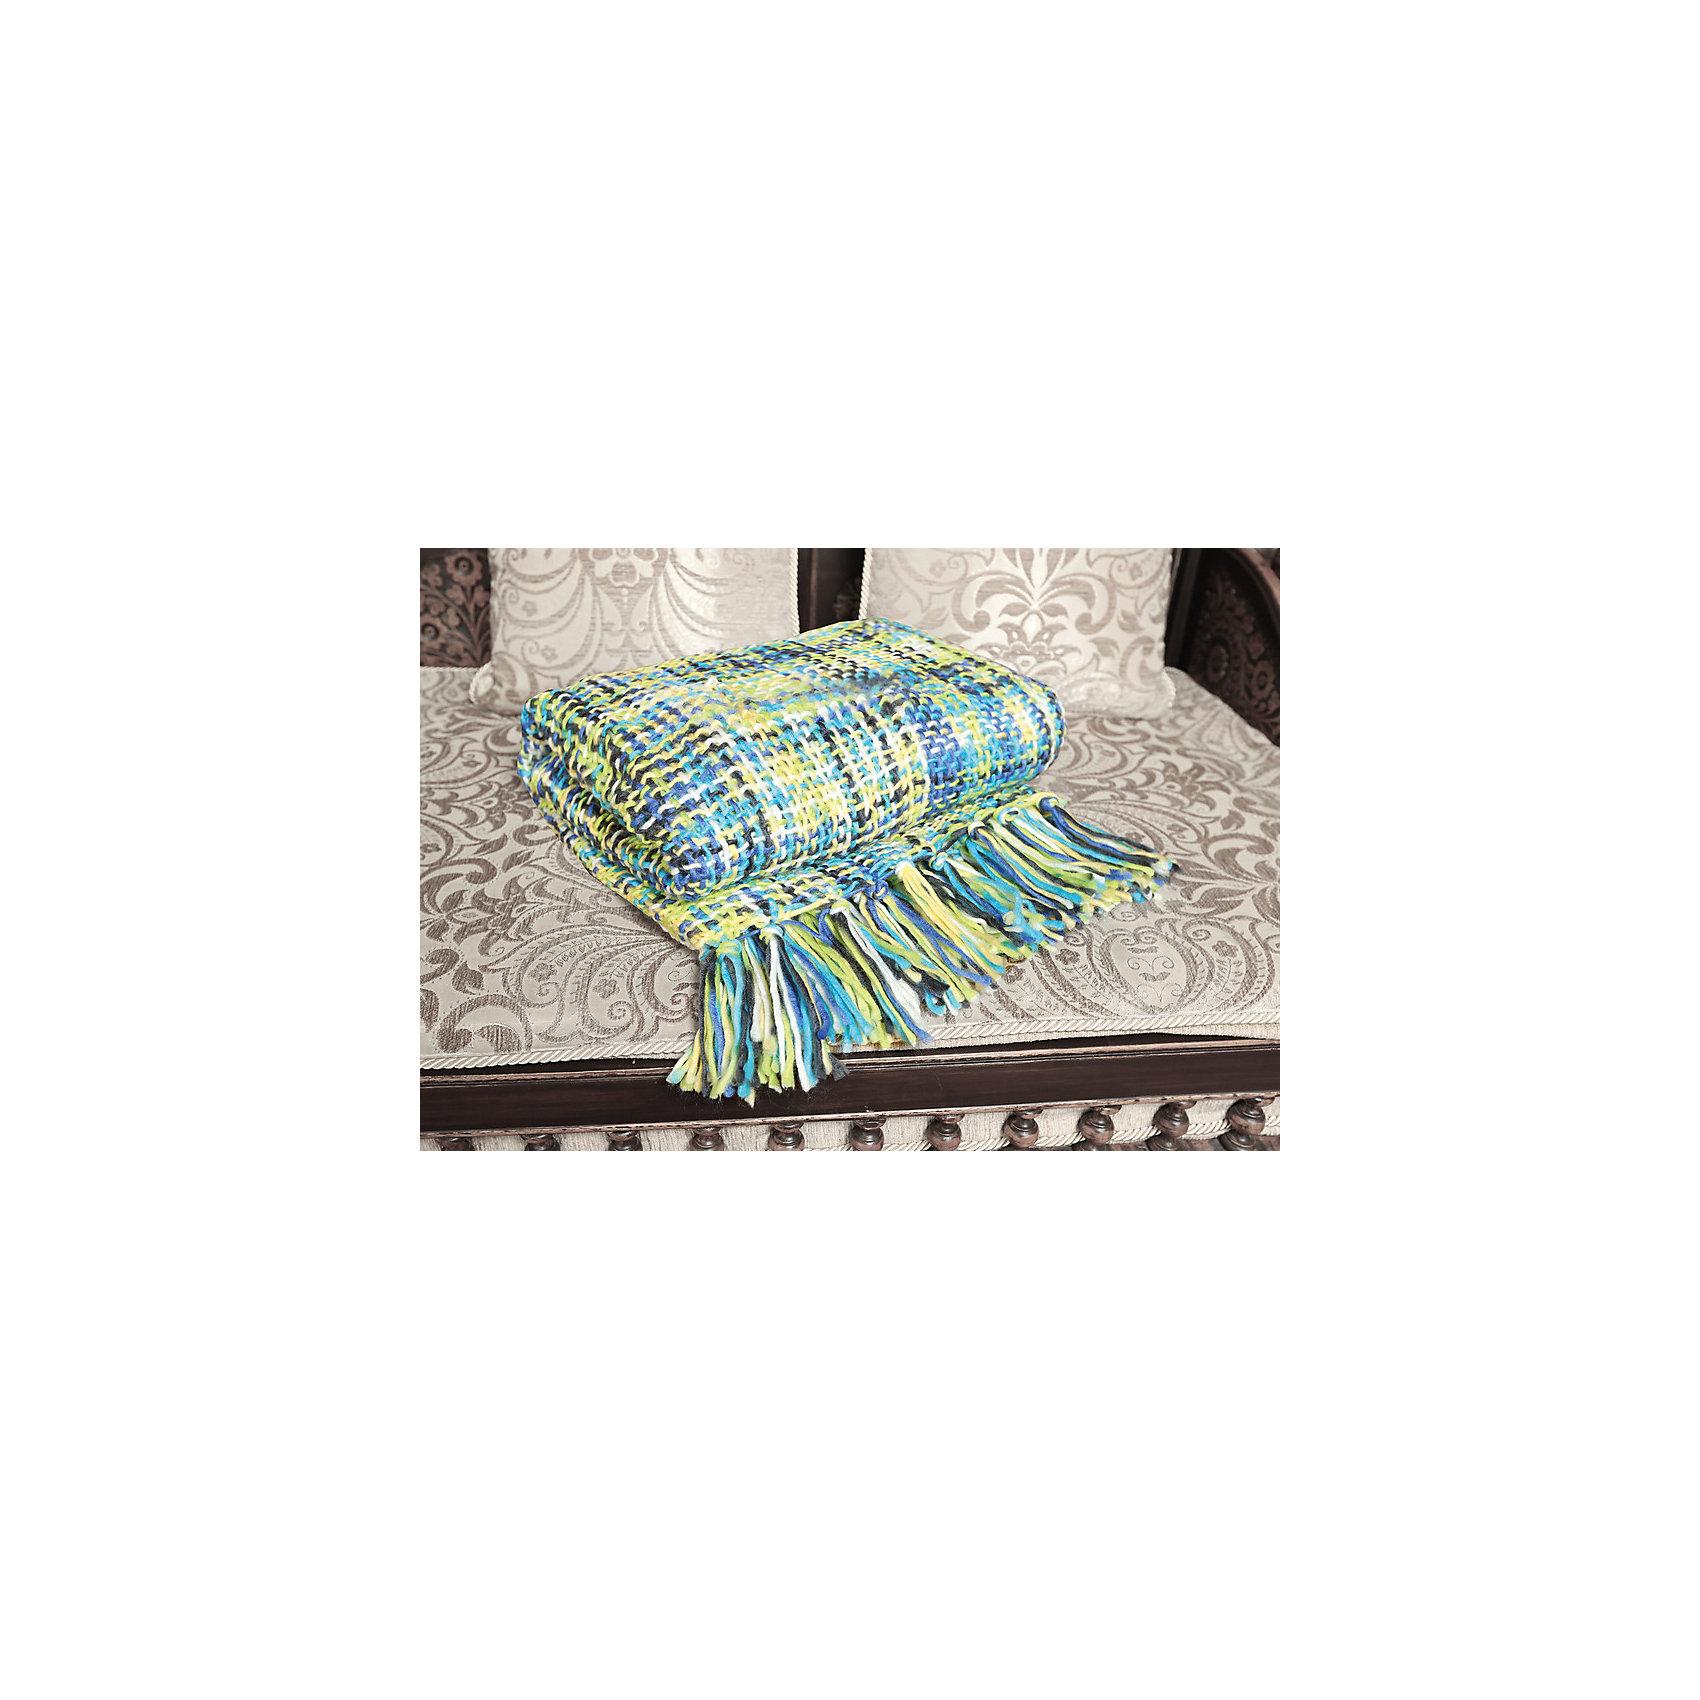 Плед Picasso, 140x180 с кистями ML Premium, Mona Liza, зеленый/бирюзовыйДомашний текстиль<br>Вязаный плед Picasso с кистями торговой марки    Mona Liza прекрасно дополнит Ваш диван, кровать или кресло. При этом изделие очень мягкое и легкое, поэтому его можно без труда брать с собой в дорогу вместо одеяла. Плед из акрила хорошо сохраняет тепло и не накапливает влагу. Изделие будет идеальным выбором для людей с чувствительной кожей, ведь мягкий и приятный на ощупь плед сшит из гипоаллергенных материалов, не скатывается и не линяет. Легко стирается и быстро сохнет.<br><br>Дополнительная информация: <br><br>- цвет: зеленый/бирюзовый<br>- состав: акрил<br>- тип плед<br>- серия: premium<br>- ширина: 140 см<br>- длина: 180 см<br>- материал: акрил<br>- размерность:  полутораспальный<br>- упаковка: пакет<br>- размер упаковки (дхшхв): 29 * 35 * 7см<br>- вес в упаковке: 860 , г<br>- страна бренда: Россия<br>- страна производитель: Россия<br><br>Плед Picasso торговой марки  Мона Лиза можно купить в нашем интернет-магазине.<br><br>Ширина мм: 290<br>Глубина мм: 80<br>Высота мм: 350<br>Вес г: 1000<br>Возраст от месяцев: 84<br>Возраст до месяцев: 1188<br>Пол: Унисекс<br>Возраст: Детский<br>SKU: 4902119